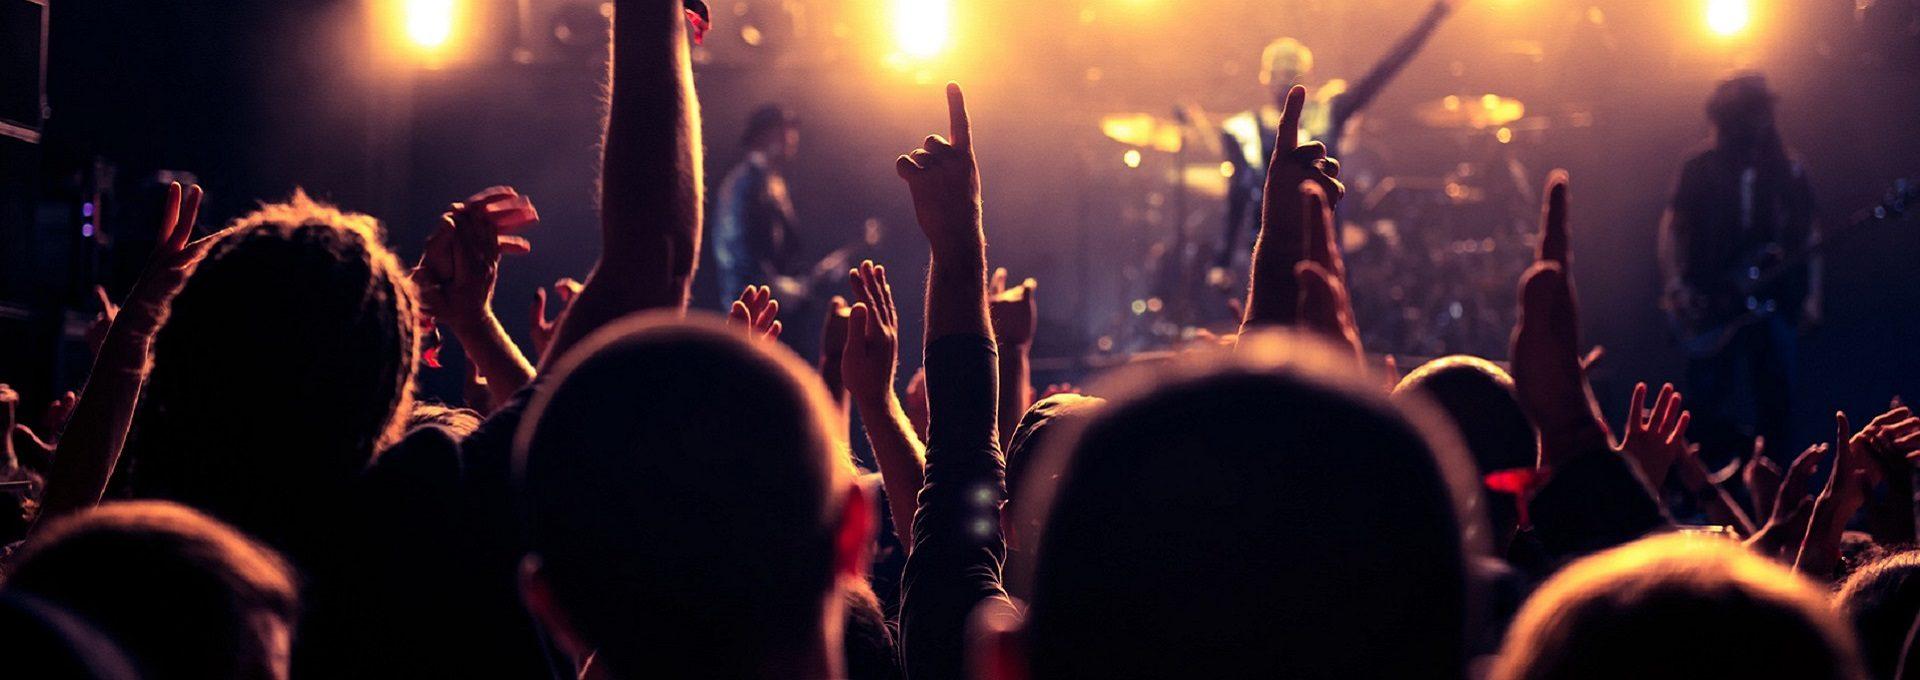 Aufnahme jubelndes Publikum